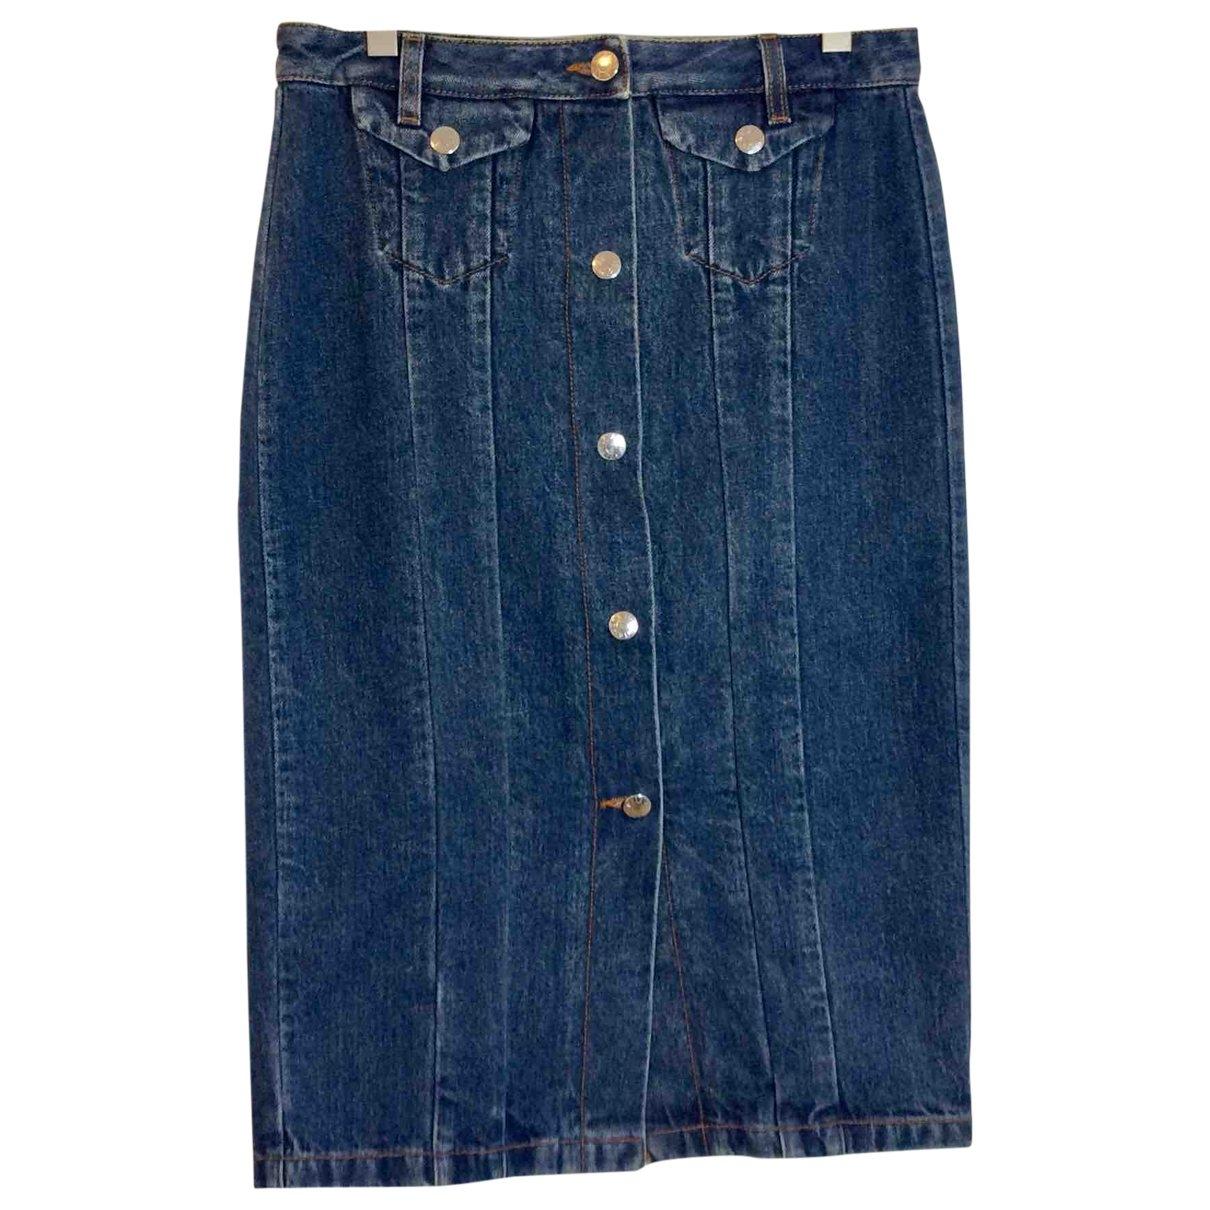 Acne Studios \N Blue Denim - Jeans skirt for Women 34 FR